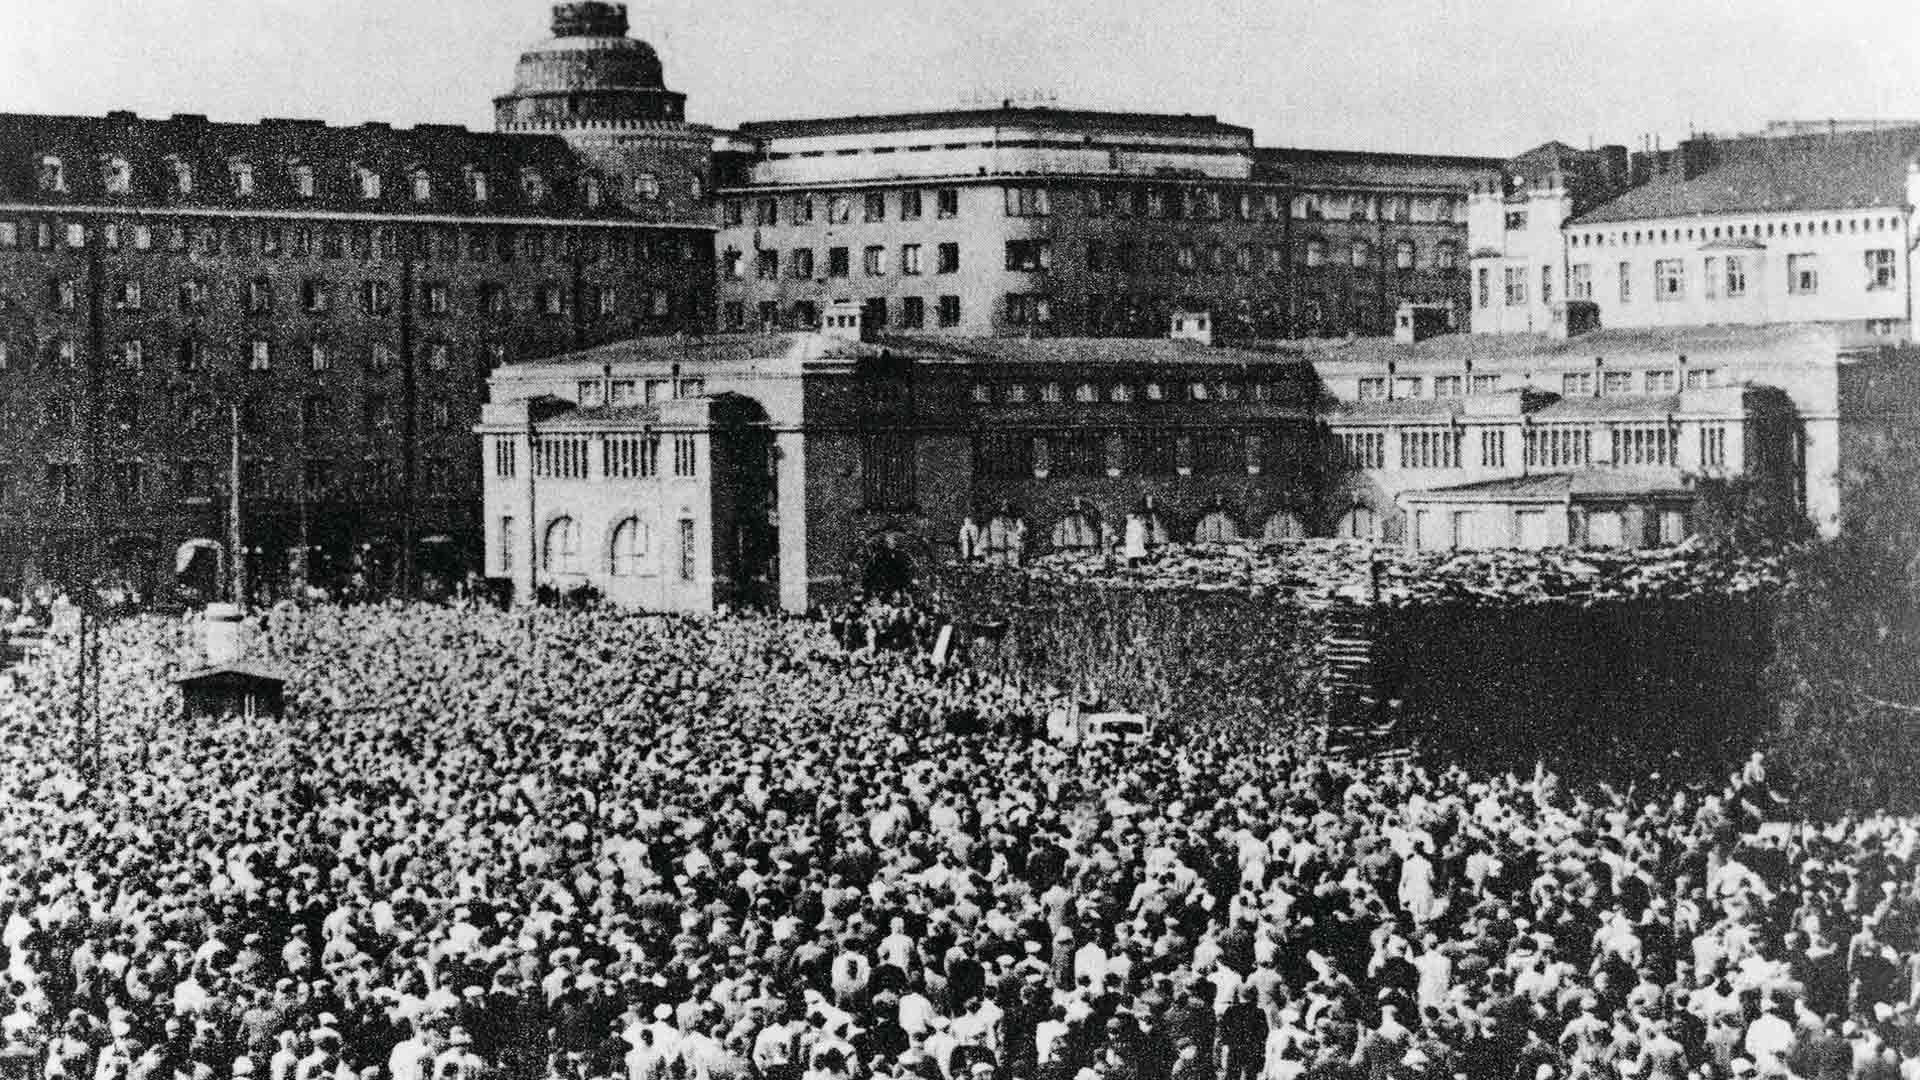 Suomen-Neuvostoliiton ystävyysseuran joukkomielenosoitus Hakaniemen torilla Helsingissä elokuun 6. päivänä 1940. Mielenosoituksella haluttiin entisestään varmistaa maiden välistä ystävyyttä. Ihmisiä oli torilla toistakymmentätuhatta.